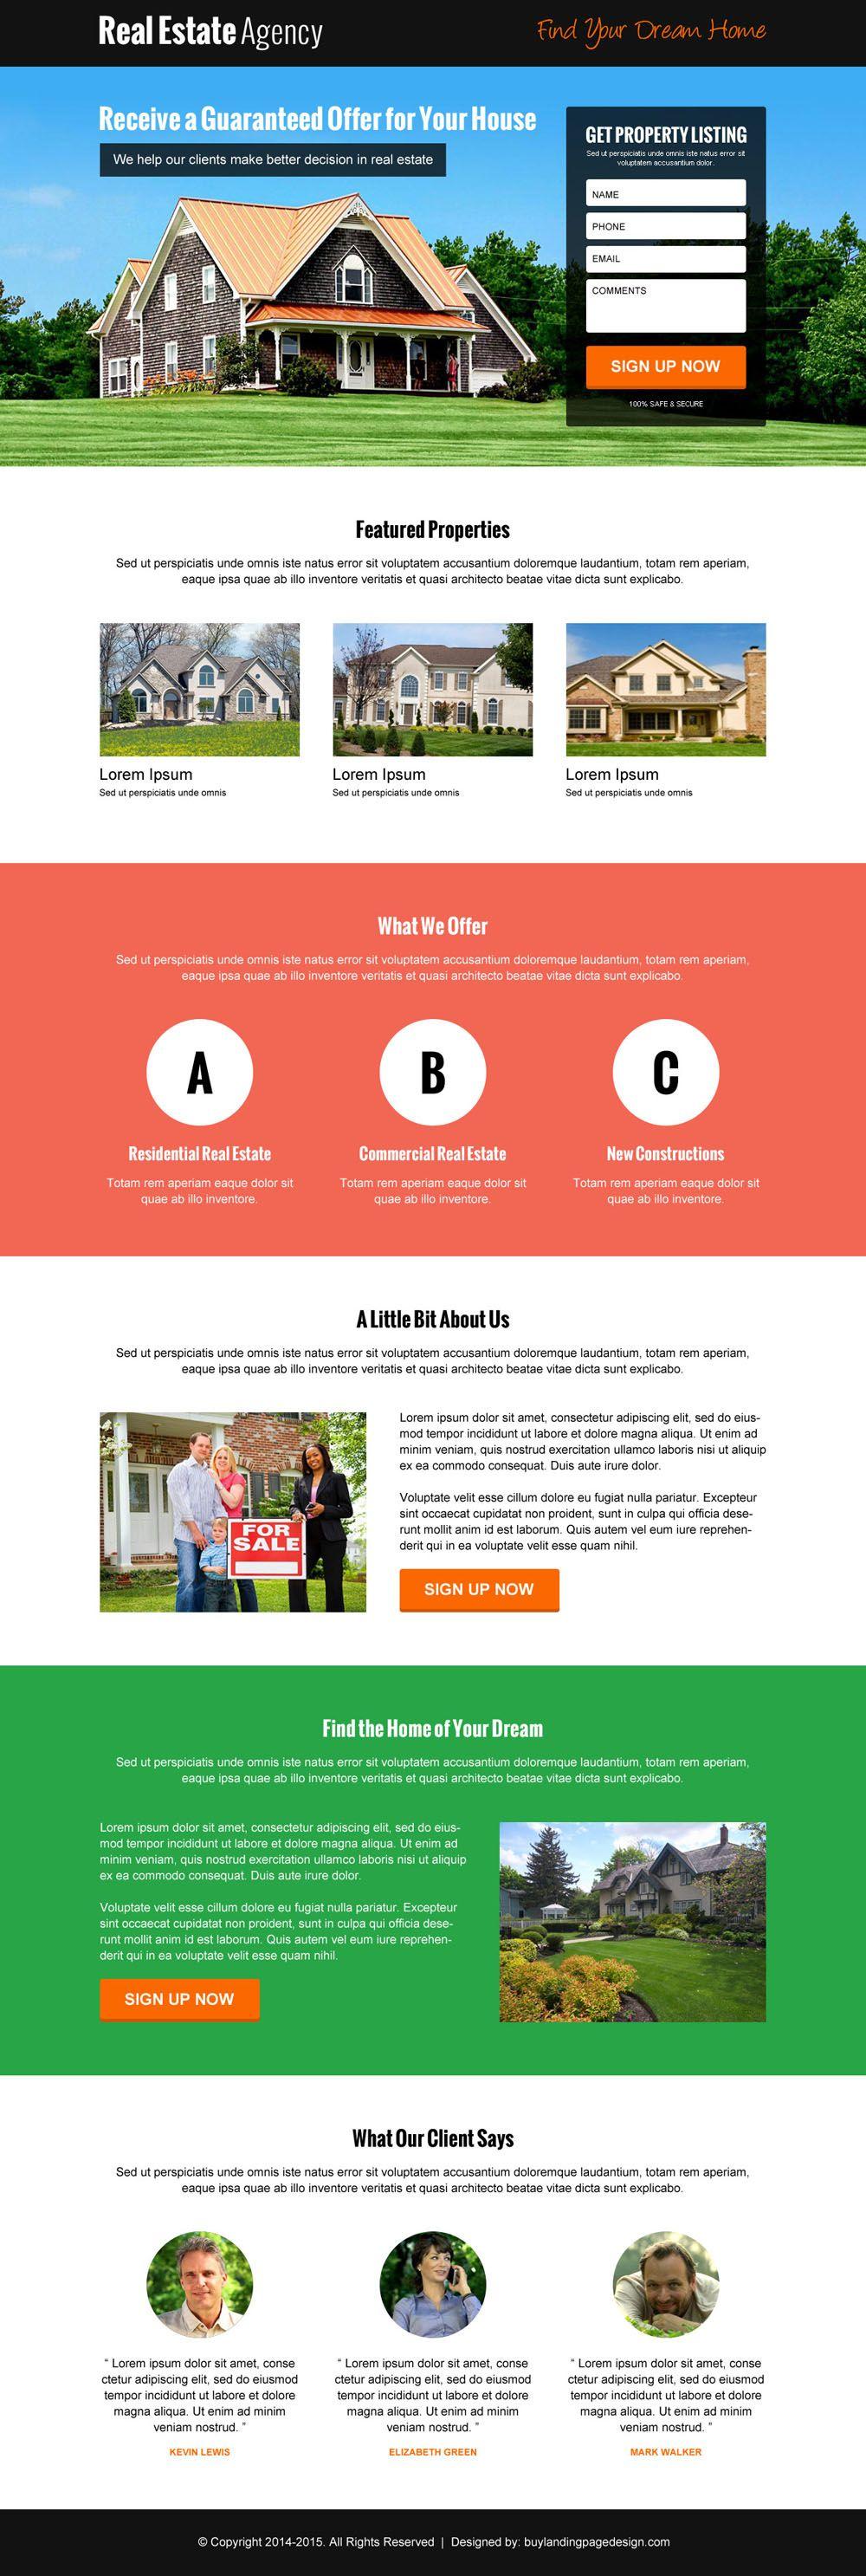 Best Real Estate Agency Lead Gen Reslp 7 Real Estate Responsive Landing Page Desig Landing Page Examples Real Estate Landing Pages Real Estate Website Design